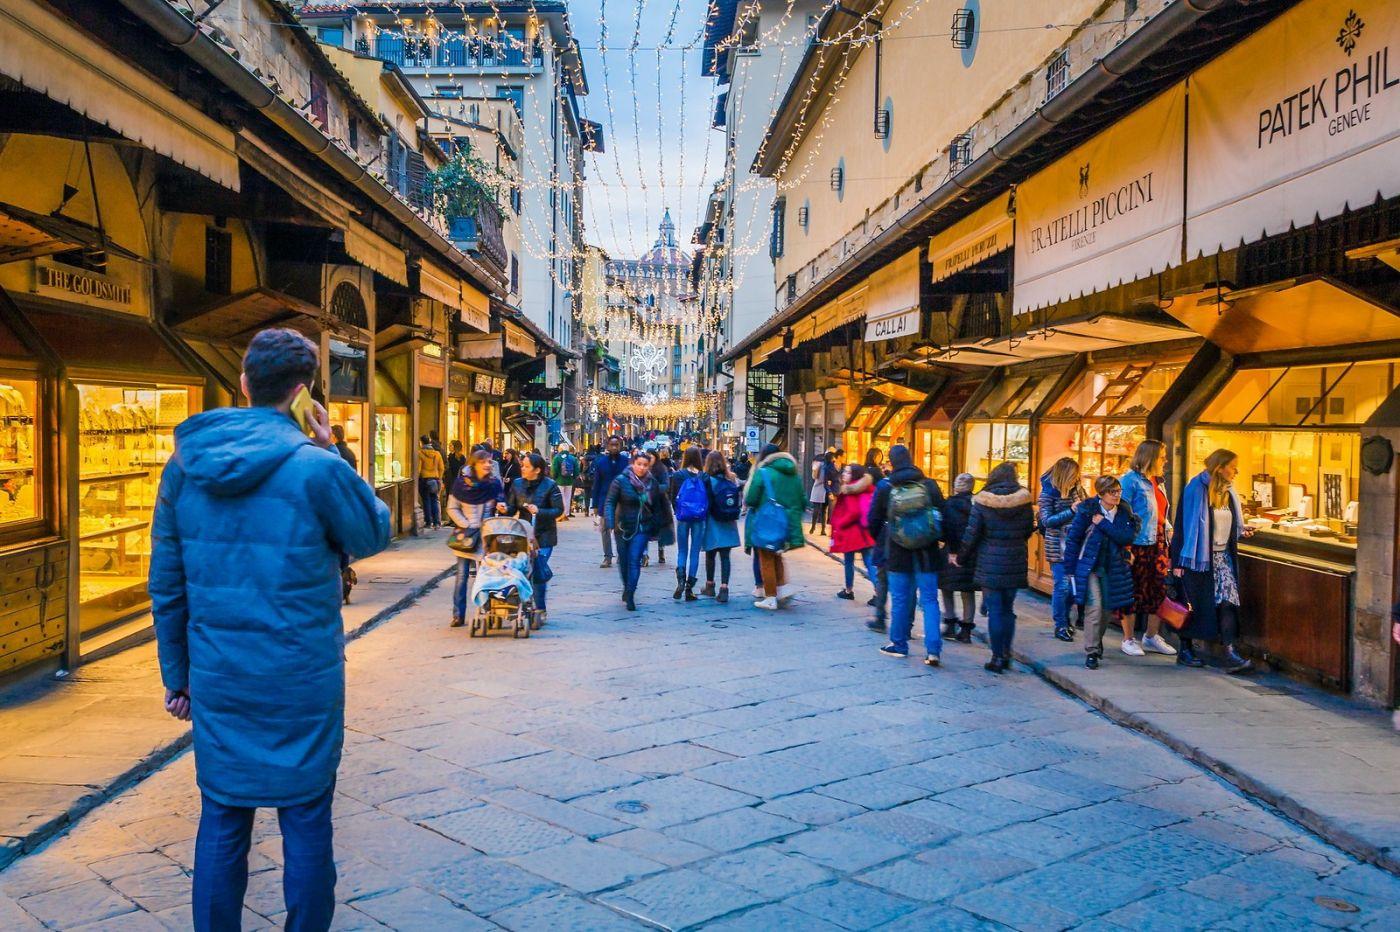 意大利佛罗伦萨(Florence),小街文化_图1-13